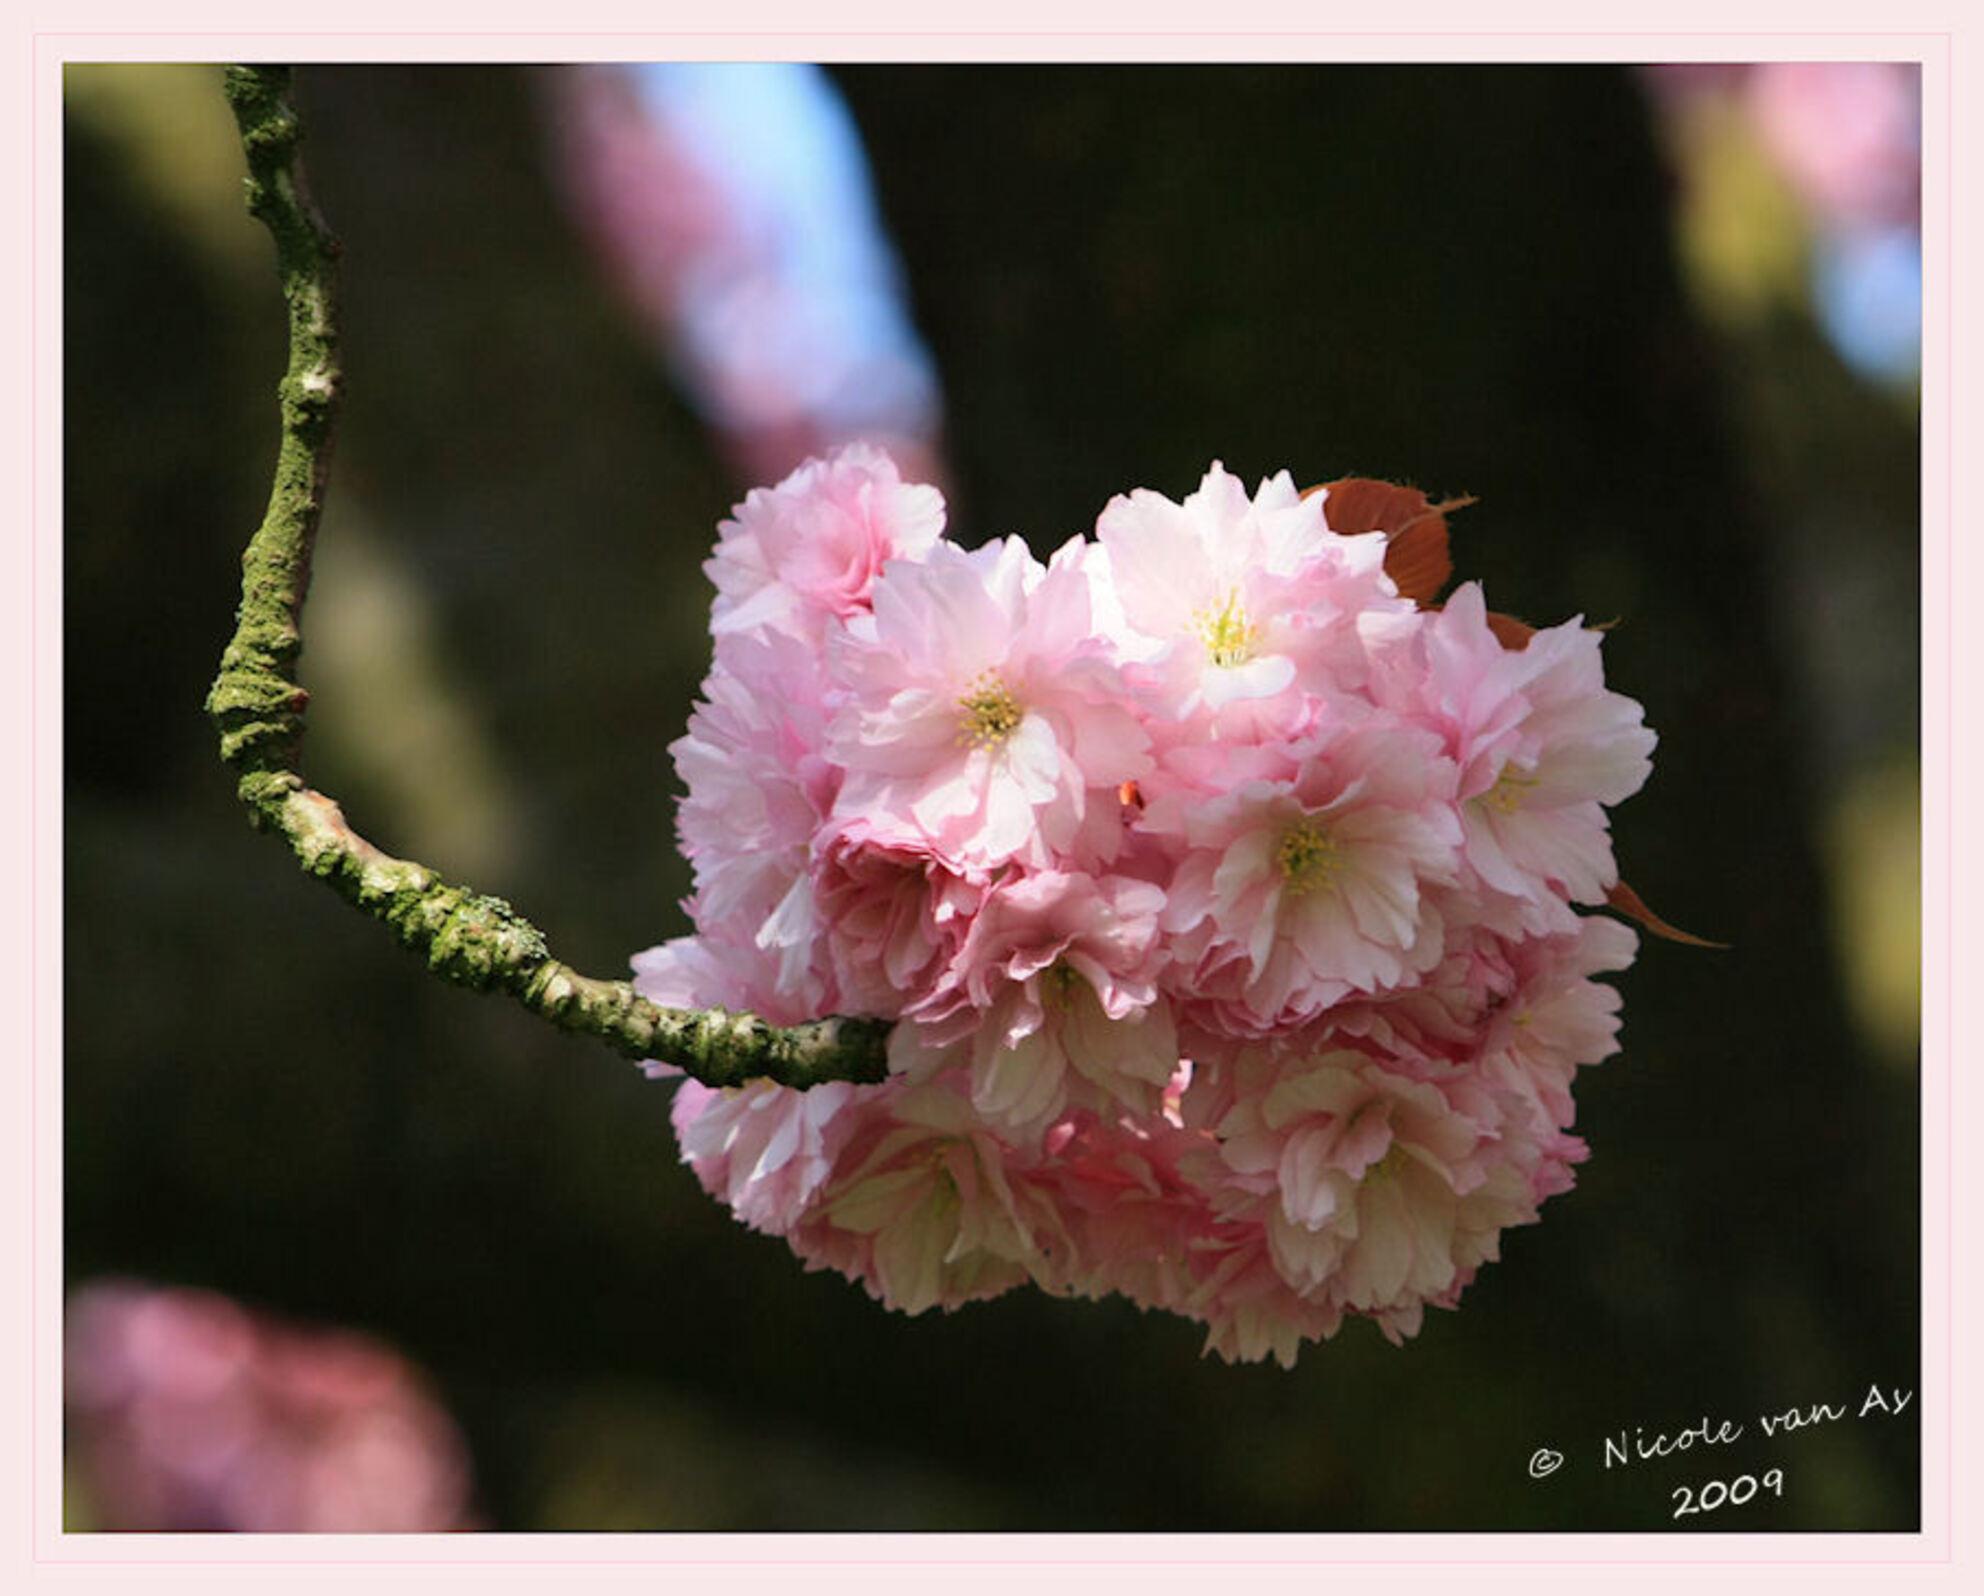 Bloesembol - Bij de slootkant was genoeg te beleven vanmiddag.  Van broedende meerkoeten tot prachtig kleurende en geurende bloesem.  Deze bol hing aan een wel  - foto door nicole-8 op 15-04-2009 - deze foto bevat: bloem, lente, rose, voorjaar, canon, bloesem, blaadjes, nivas, eos450d